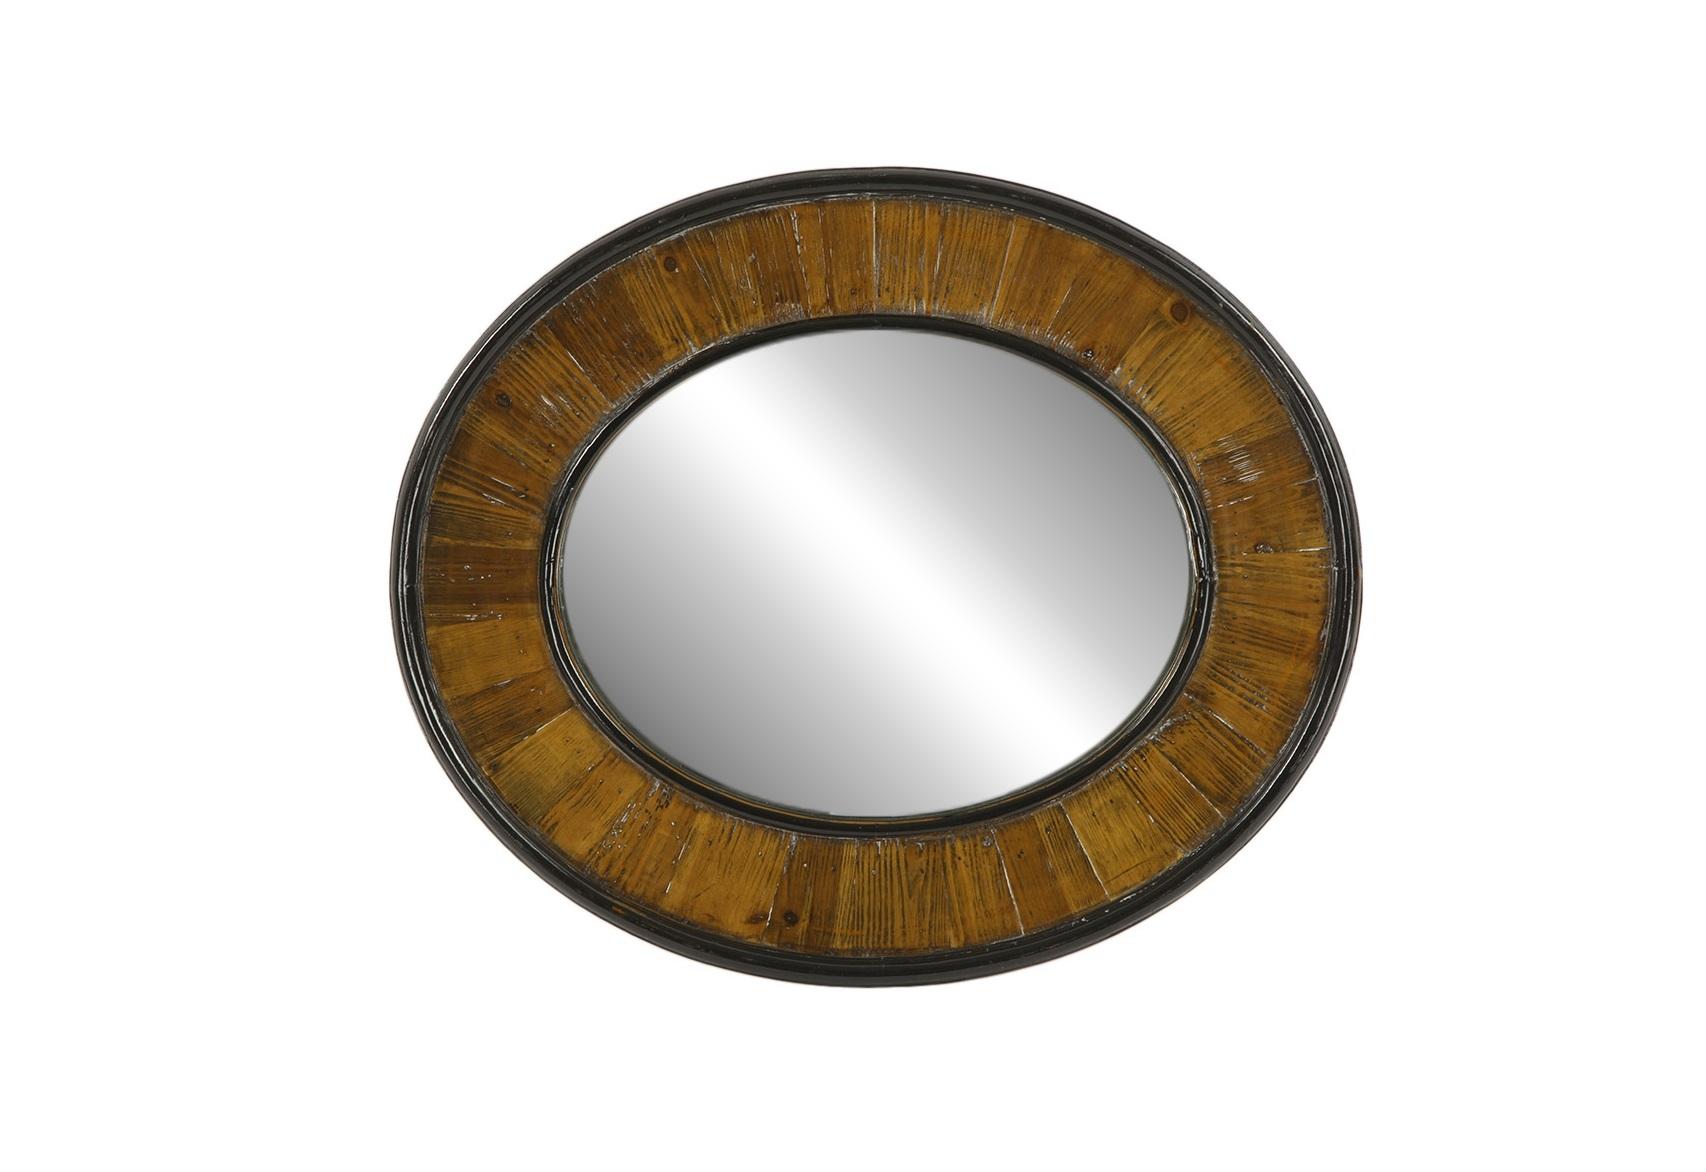 Зеркало в рамеНастенные зеркала<br><br><br>Material: Бук<br>Width см: 70<br>Depth см: 5<br>Height см: 83